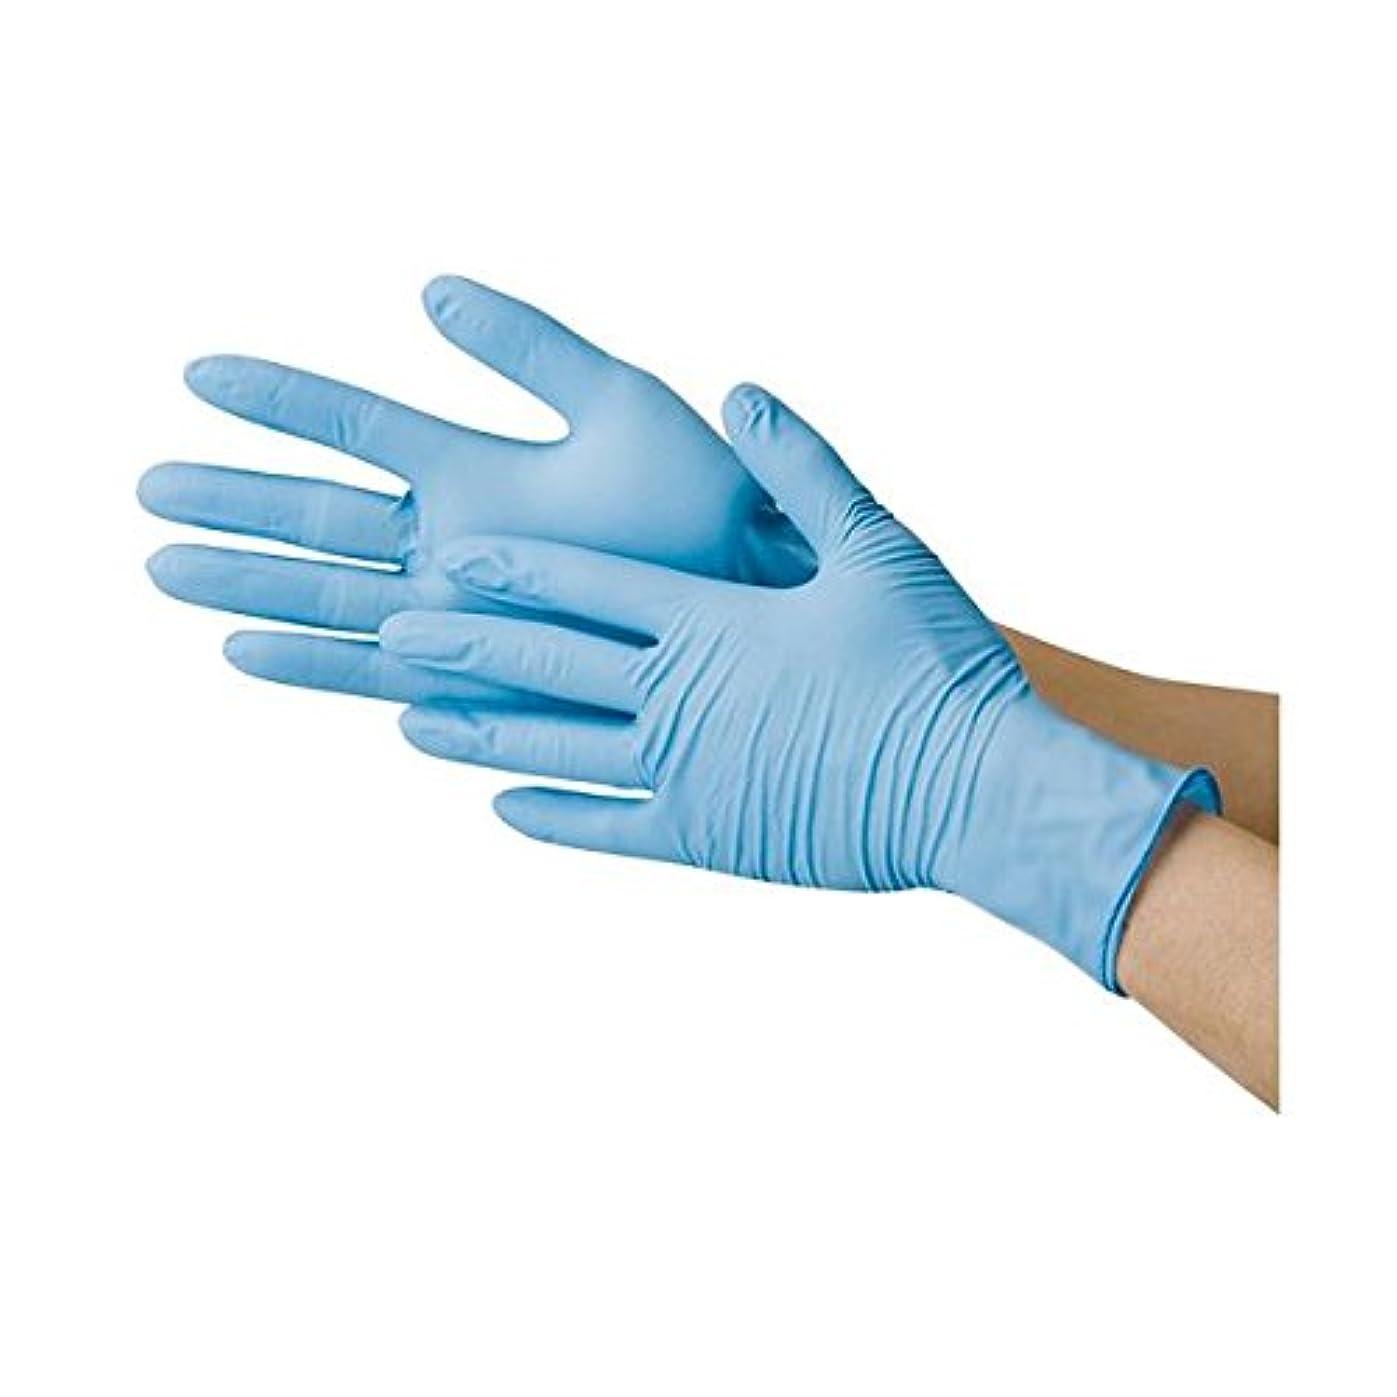 拒絶する分布数学者(業務用20セット) 川西工業 ニトリル極薄手袋 粉なし BS #2039 Sサイズ ブルー ダイエット 健康 衛生用品 その他の衛生用品 14067381 [並行輸入品]